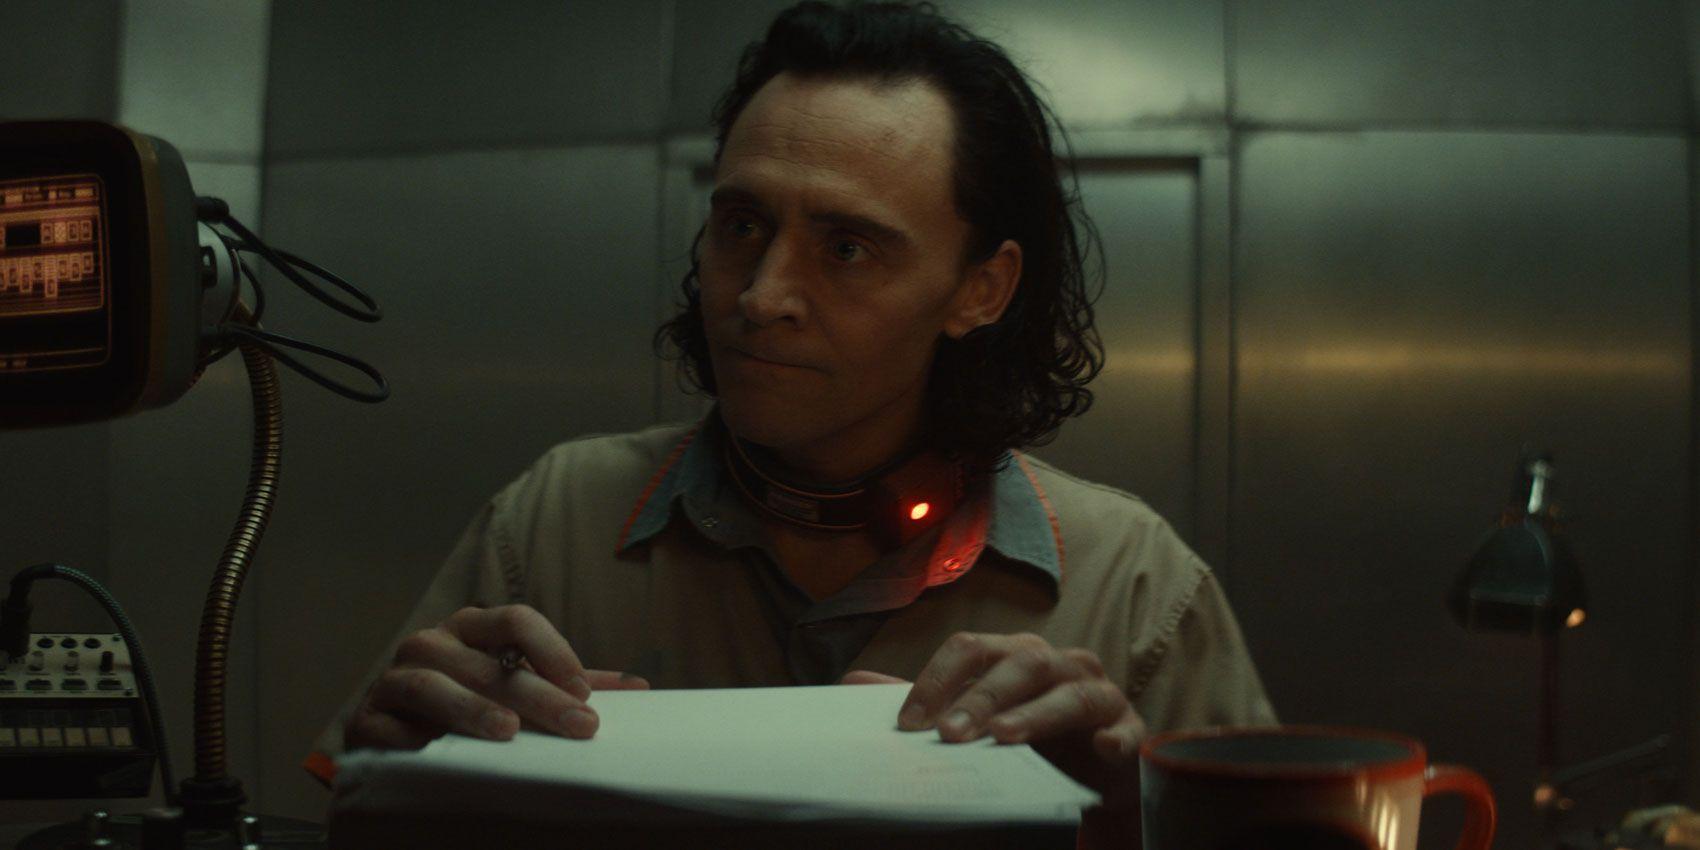 Recapitulação do episódio 1 de 'Loki': Tudo que eu procuro é uma compreensão mais profunda 1